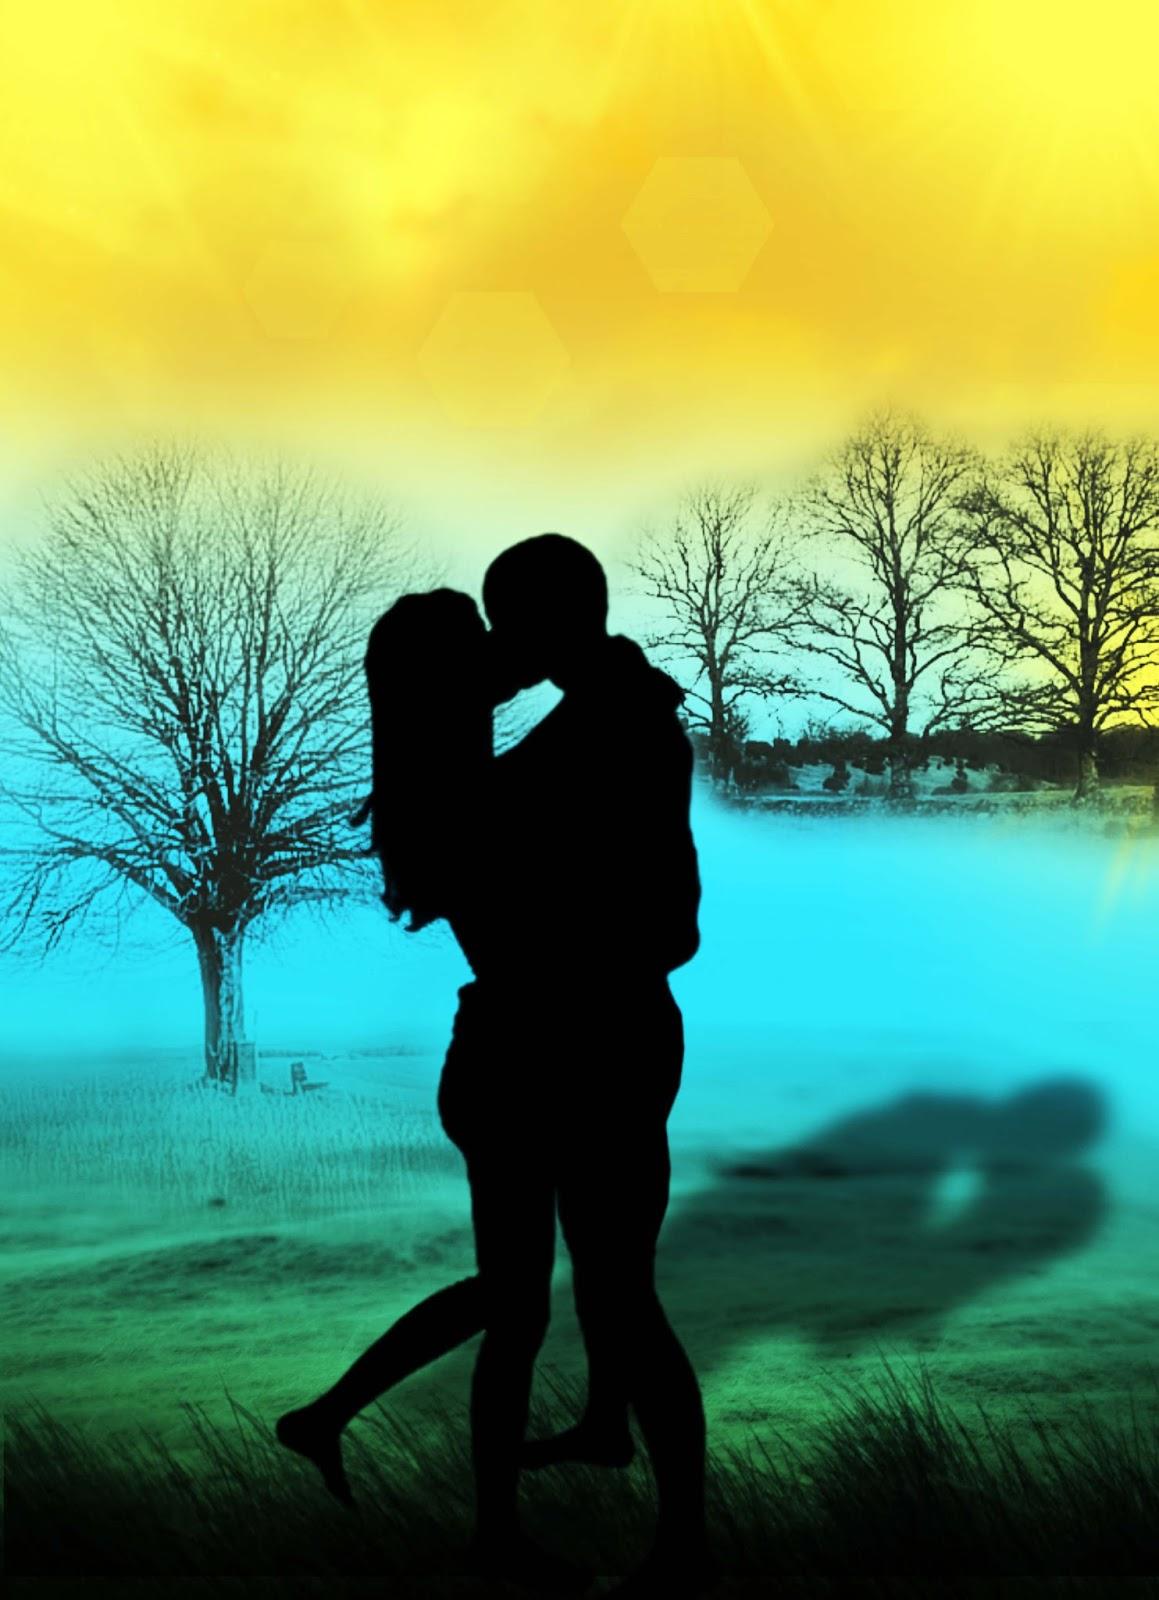 Femeie alba cauta omul pentru agen ia de intalnire fara nunta